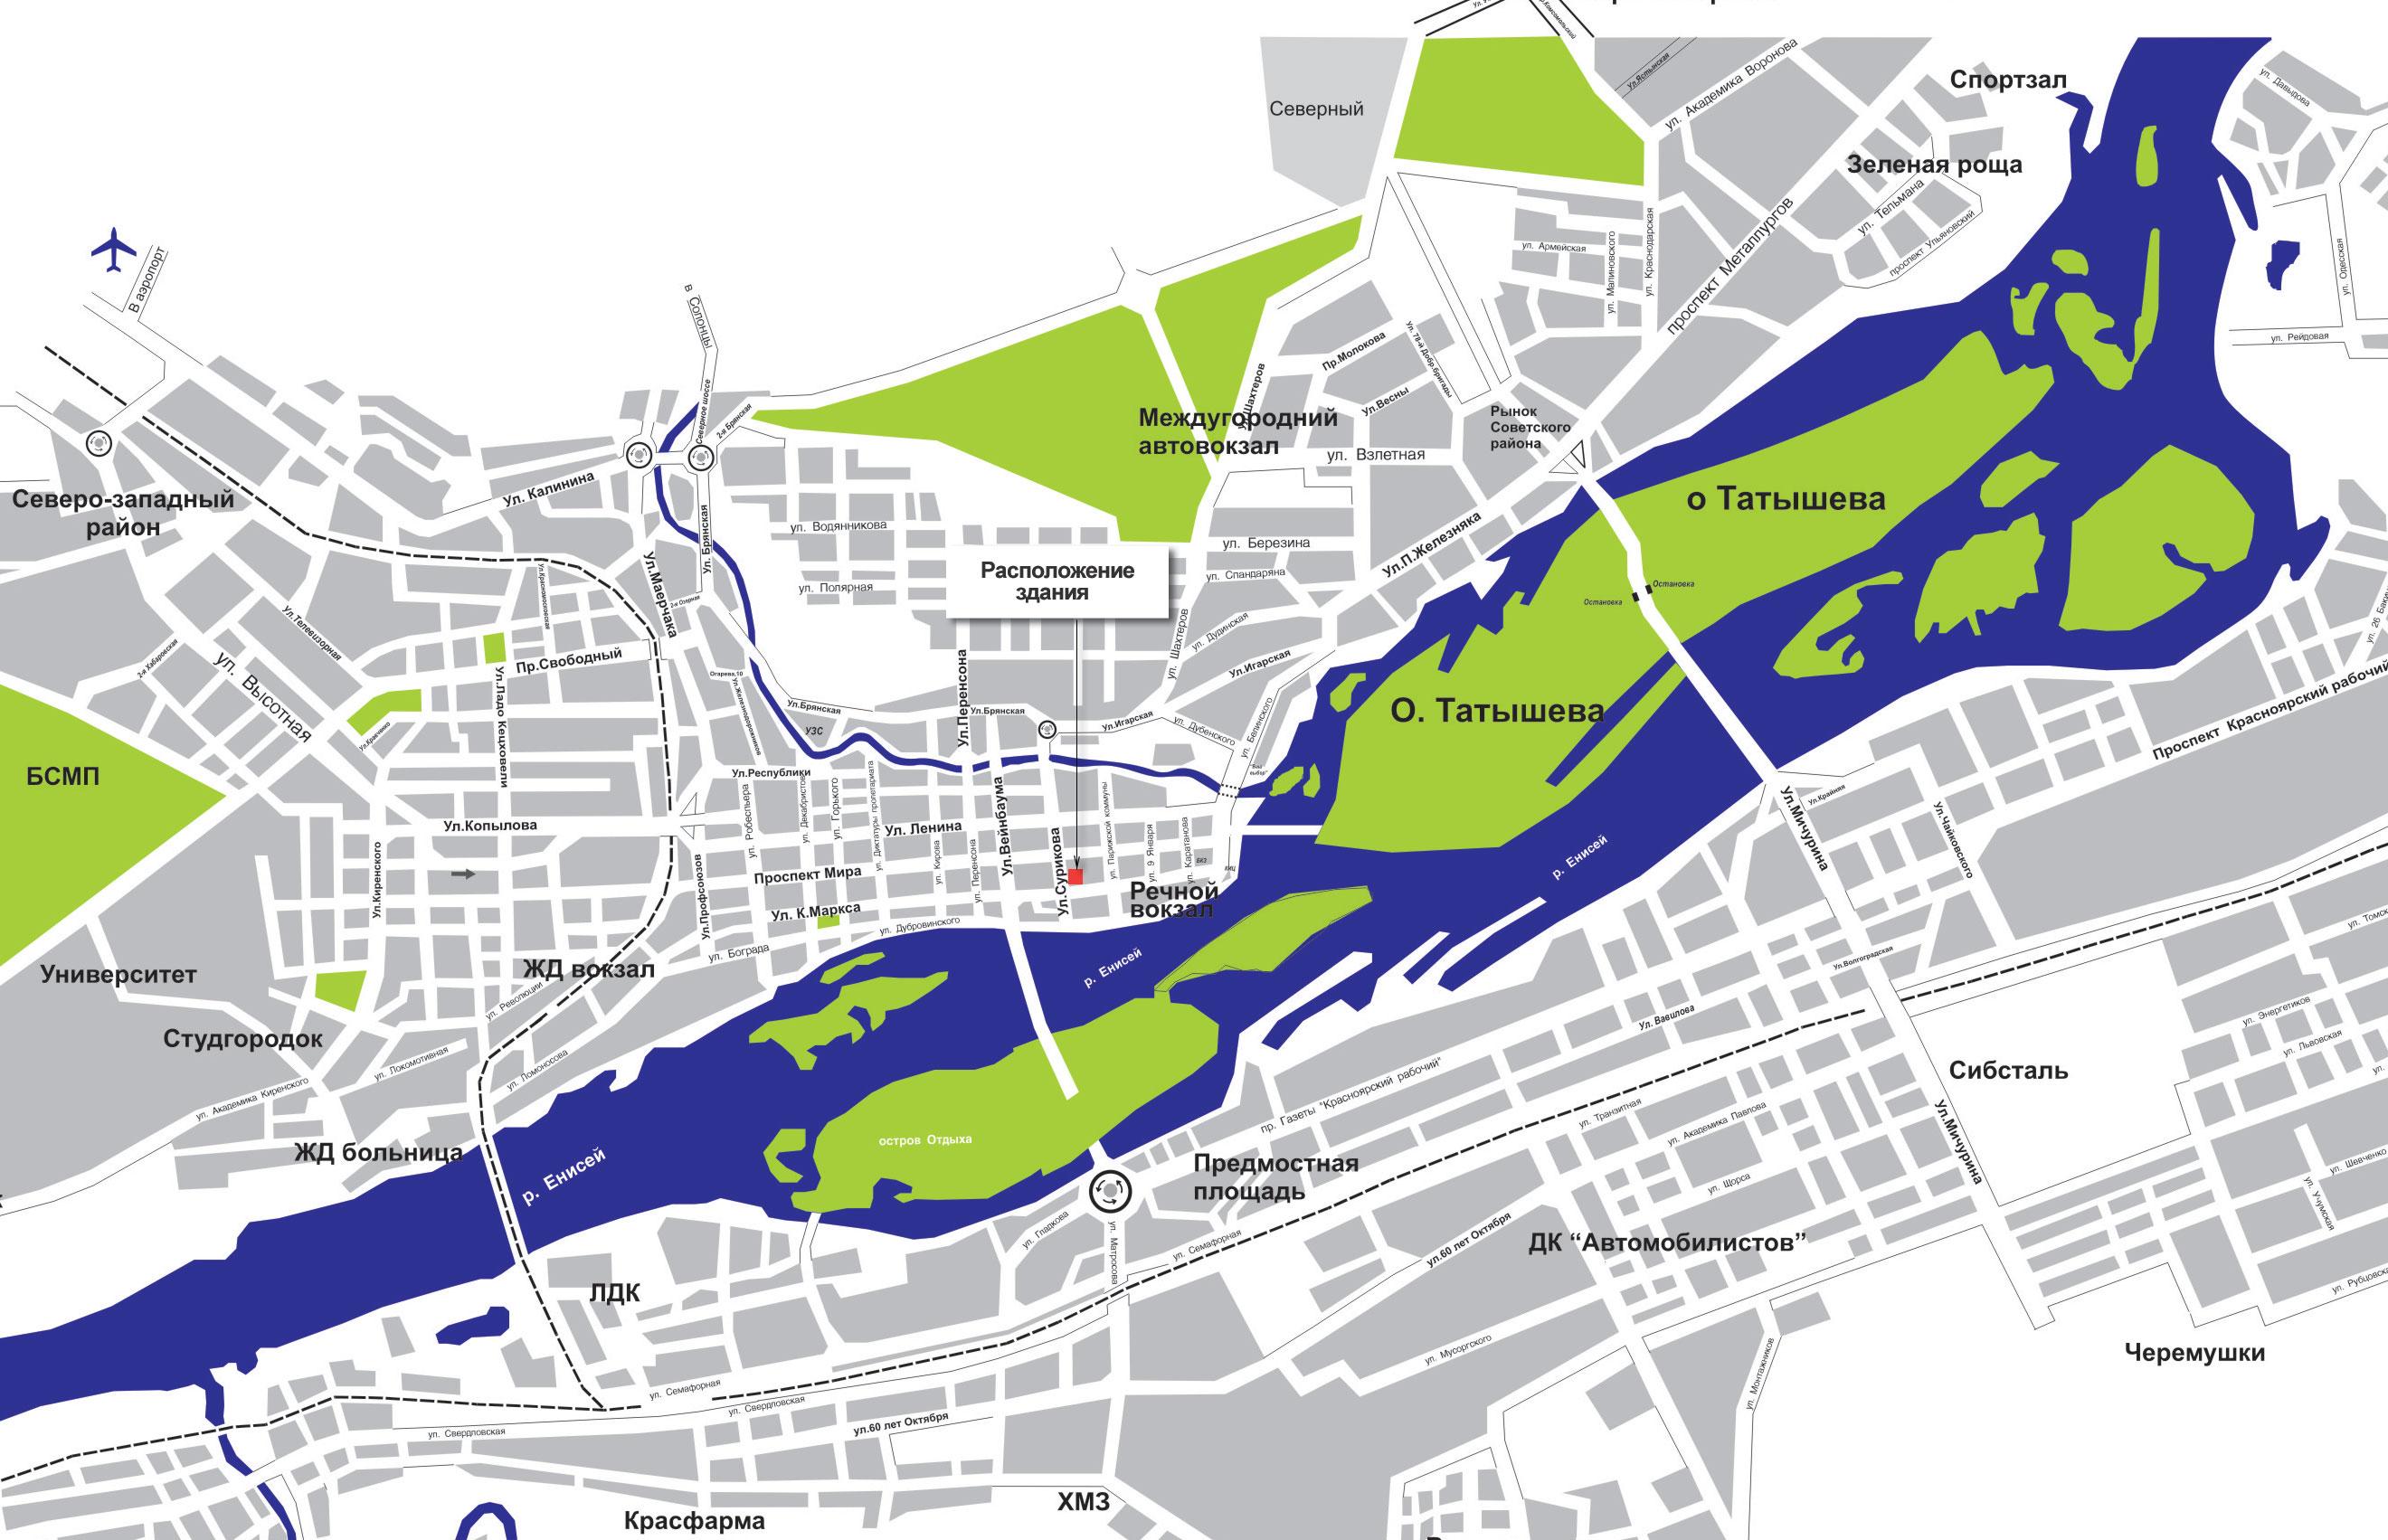 城市地图 - 俄罗斯咨讯